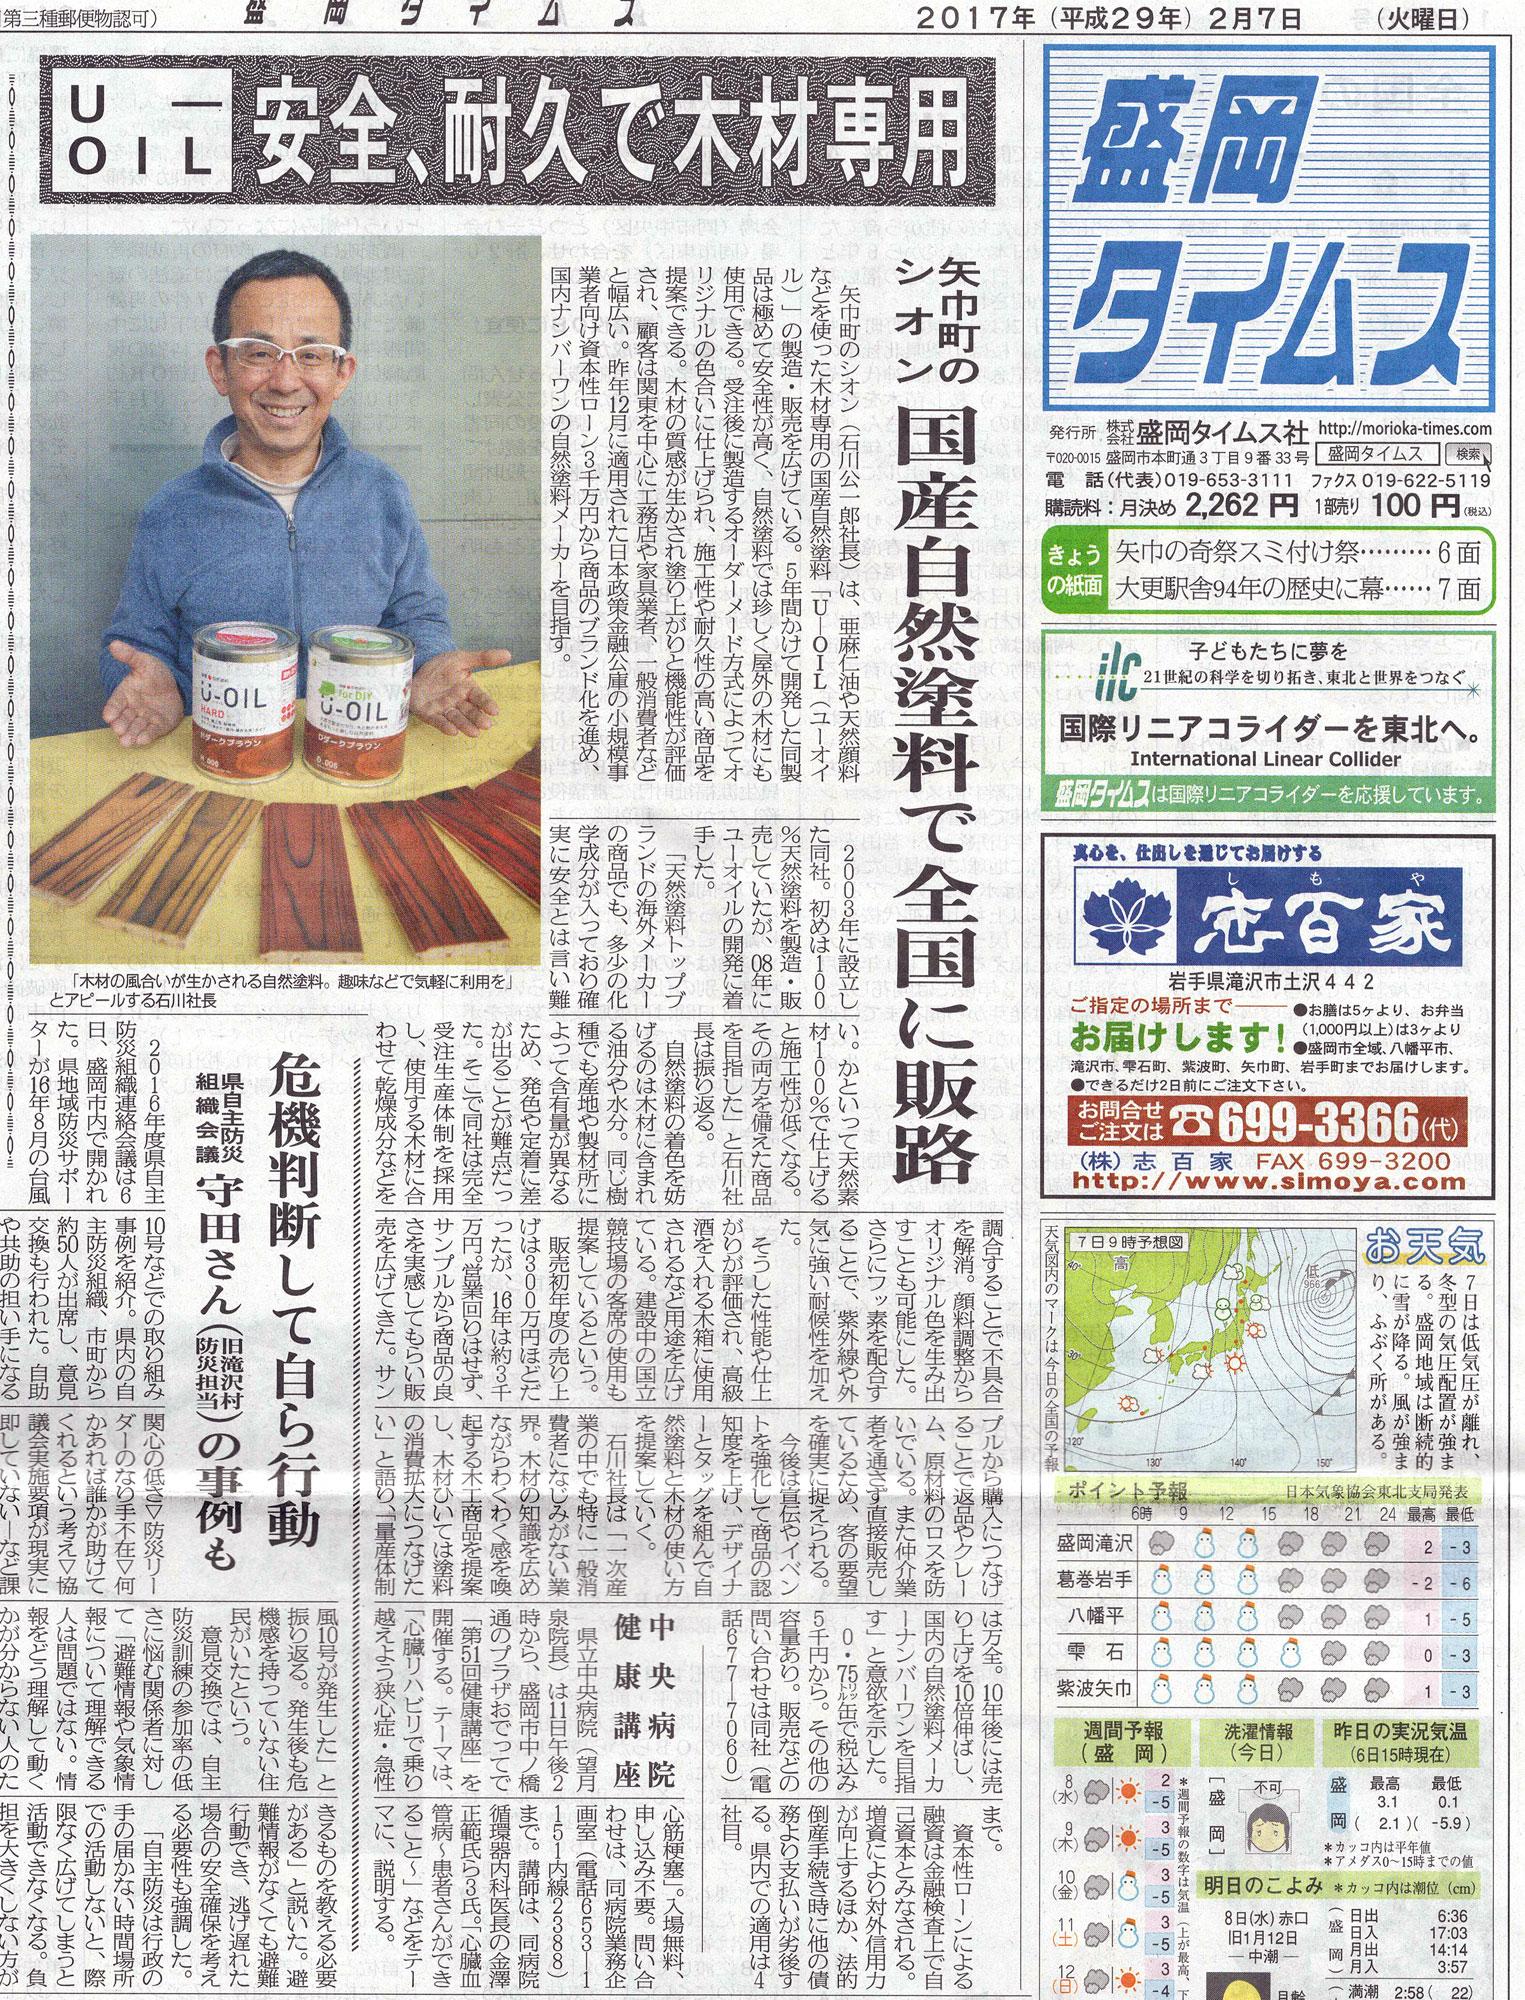 盛岡タイムス2017.02.07新聞記事